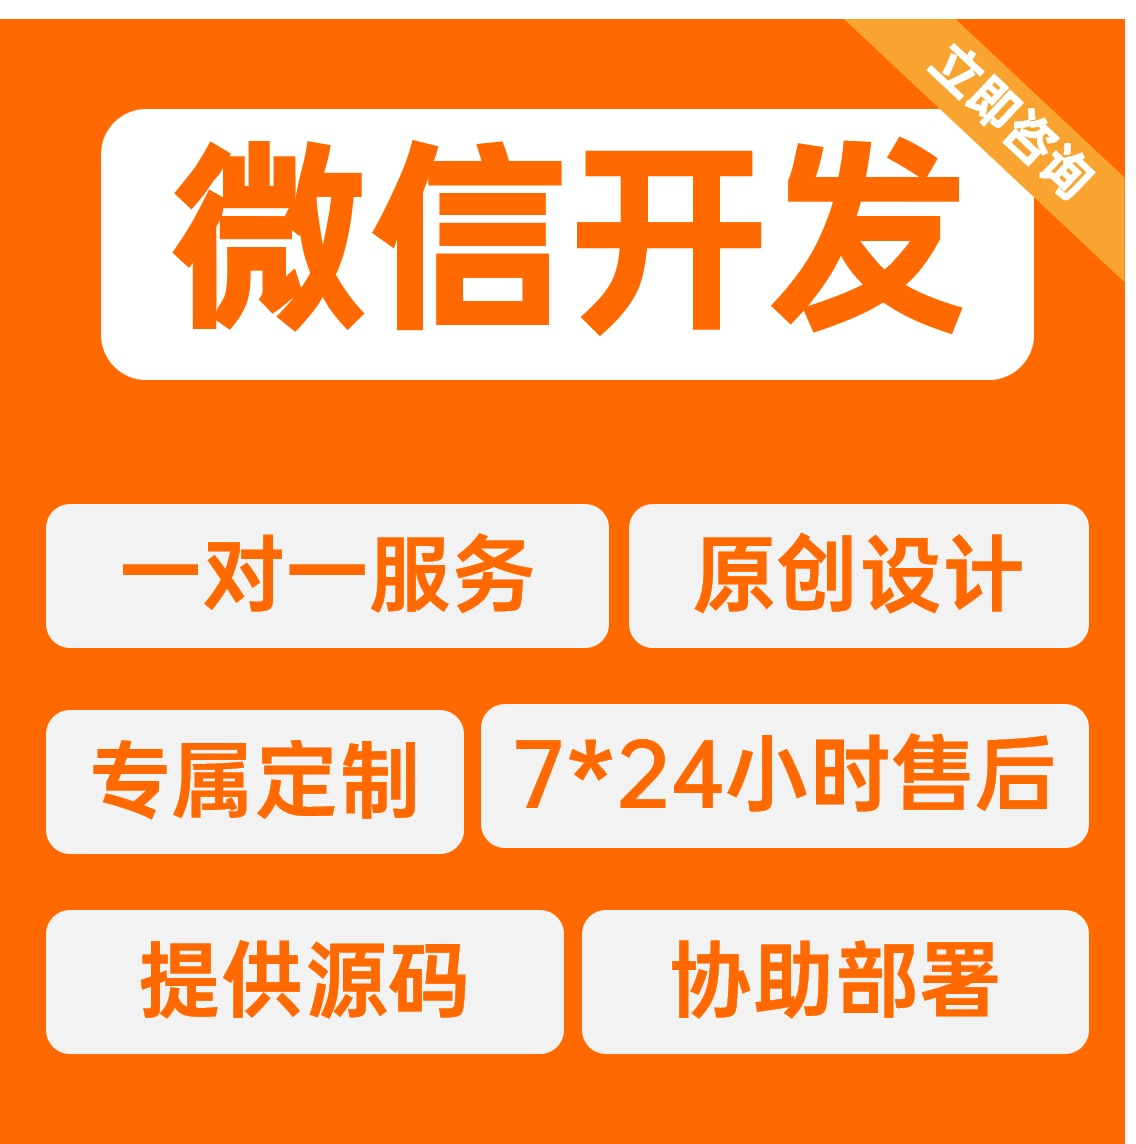 微商城微活动微营销微报名微分销微传单微官网微会员服务号